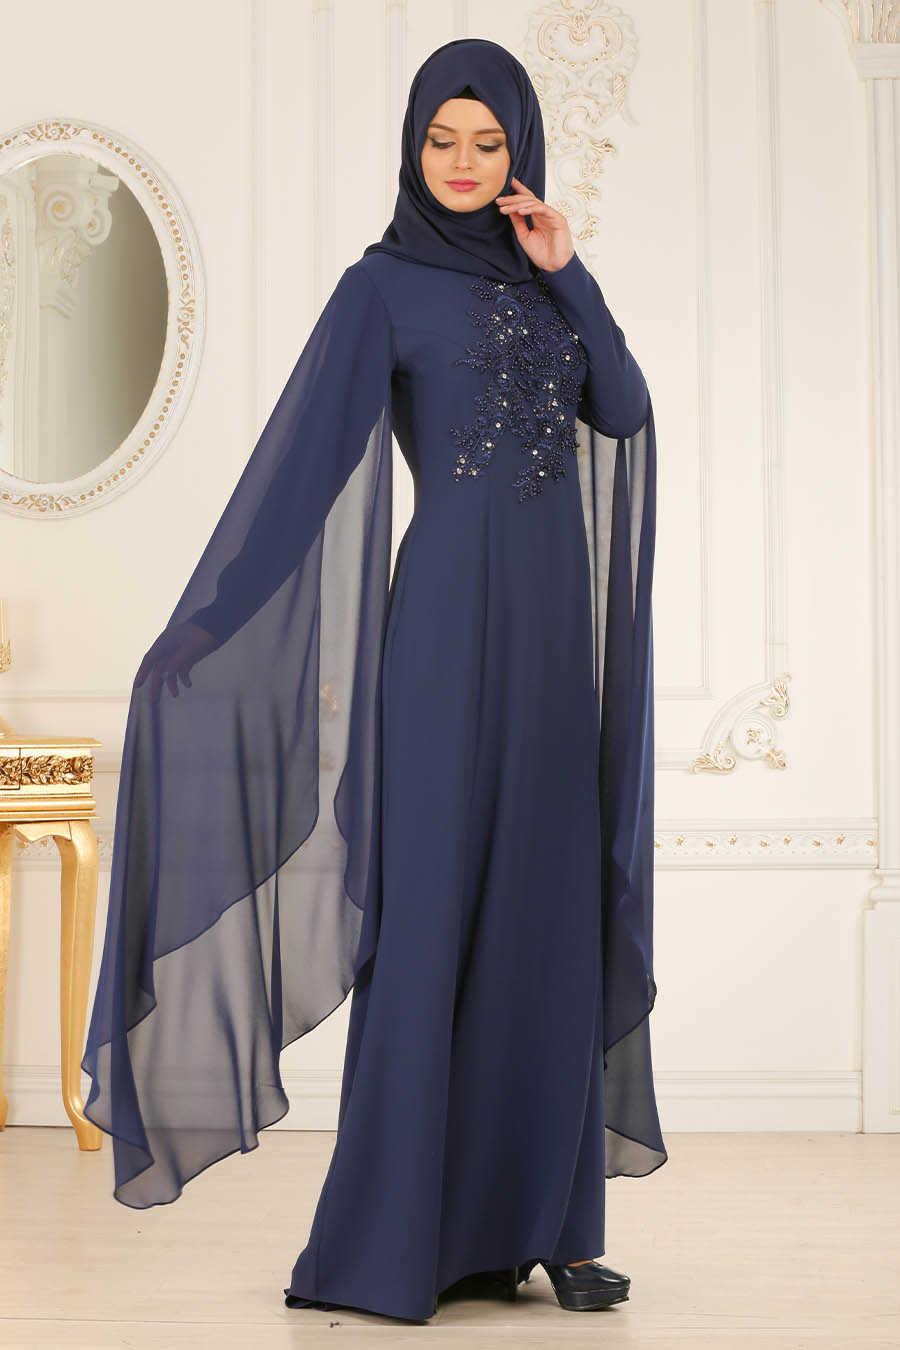 Petrol Blue Hijab Evening Dress 38380PM